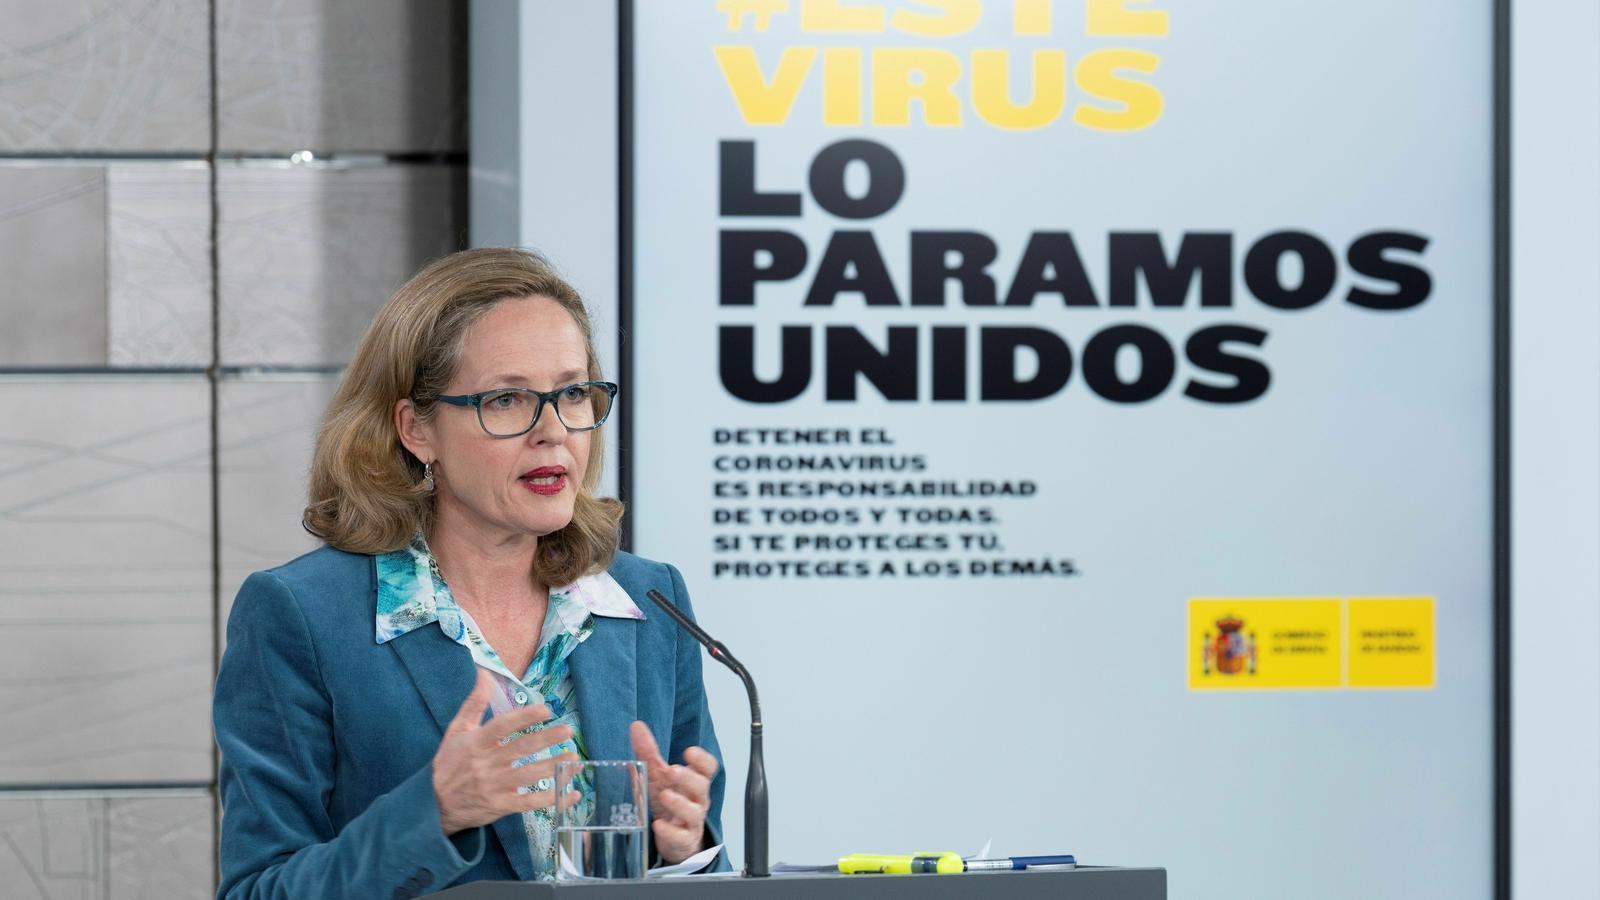 La vicepresidenta econòmica del govern espanyol, Nadia Calviño, aquest dimarts a la Moncloa